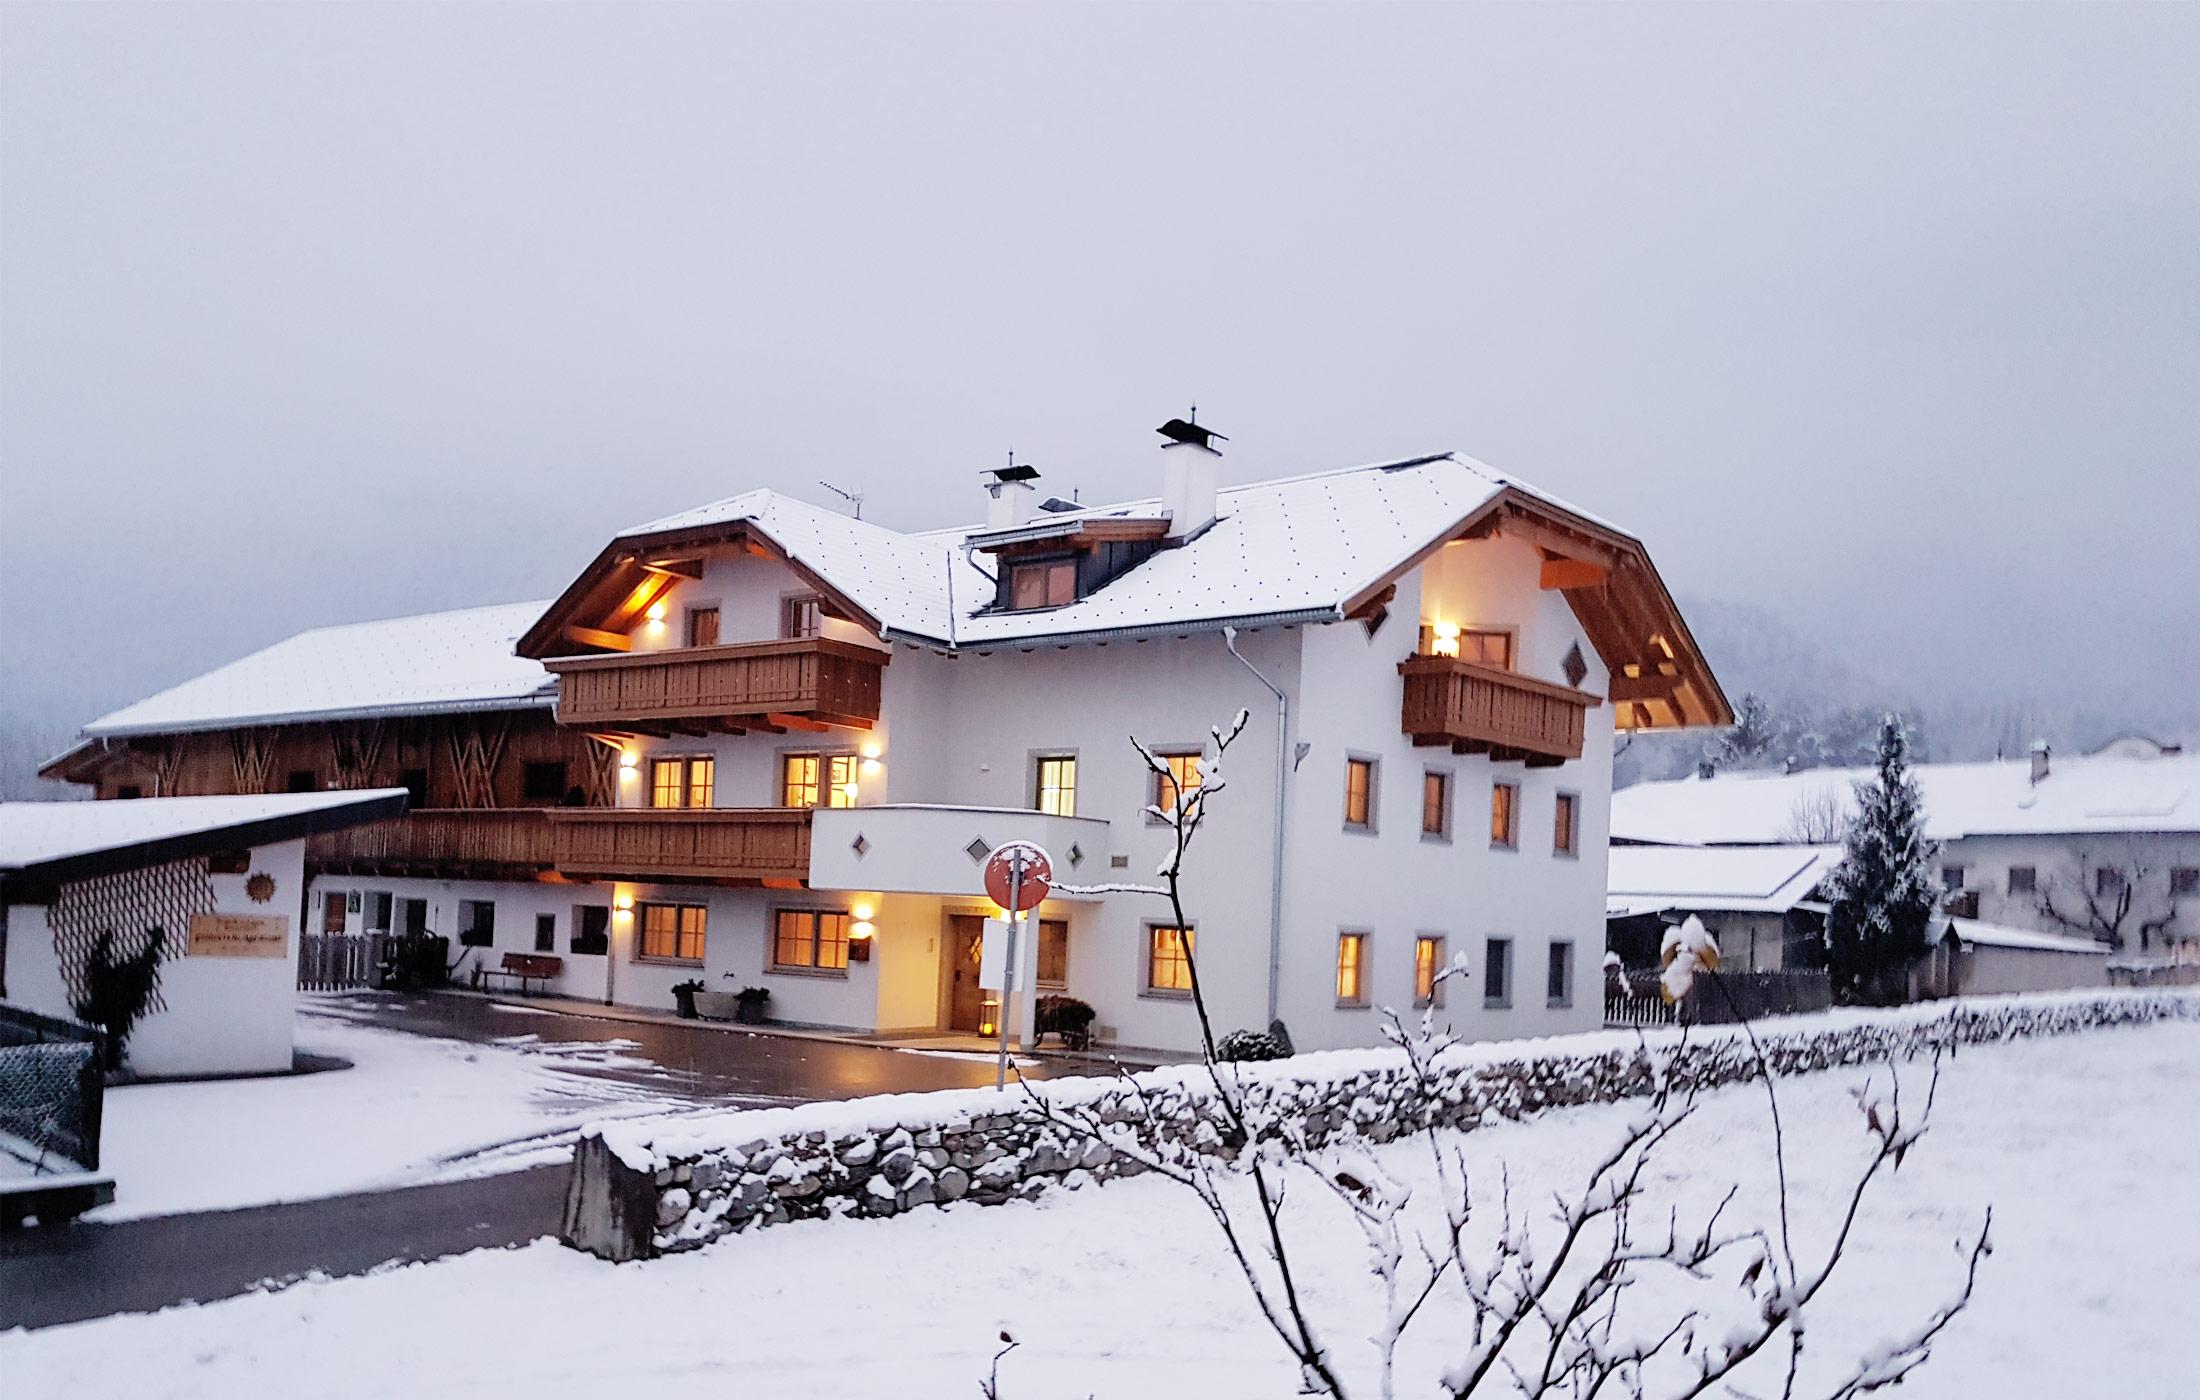 Christlrumerhof Winter